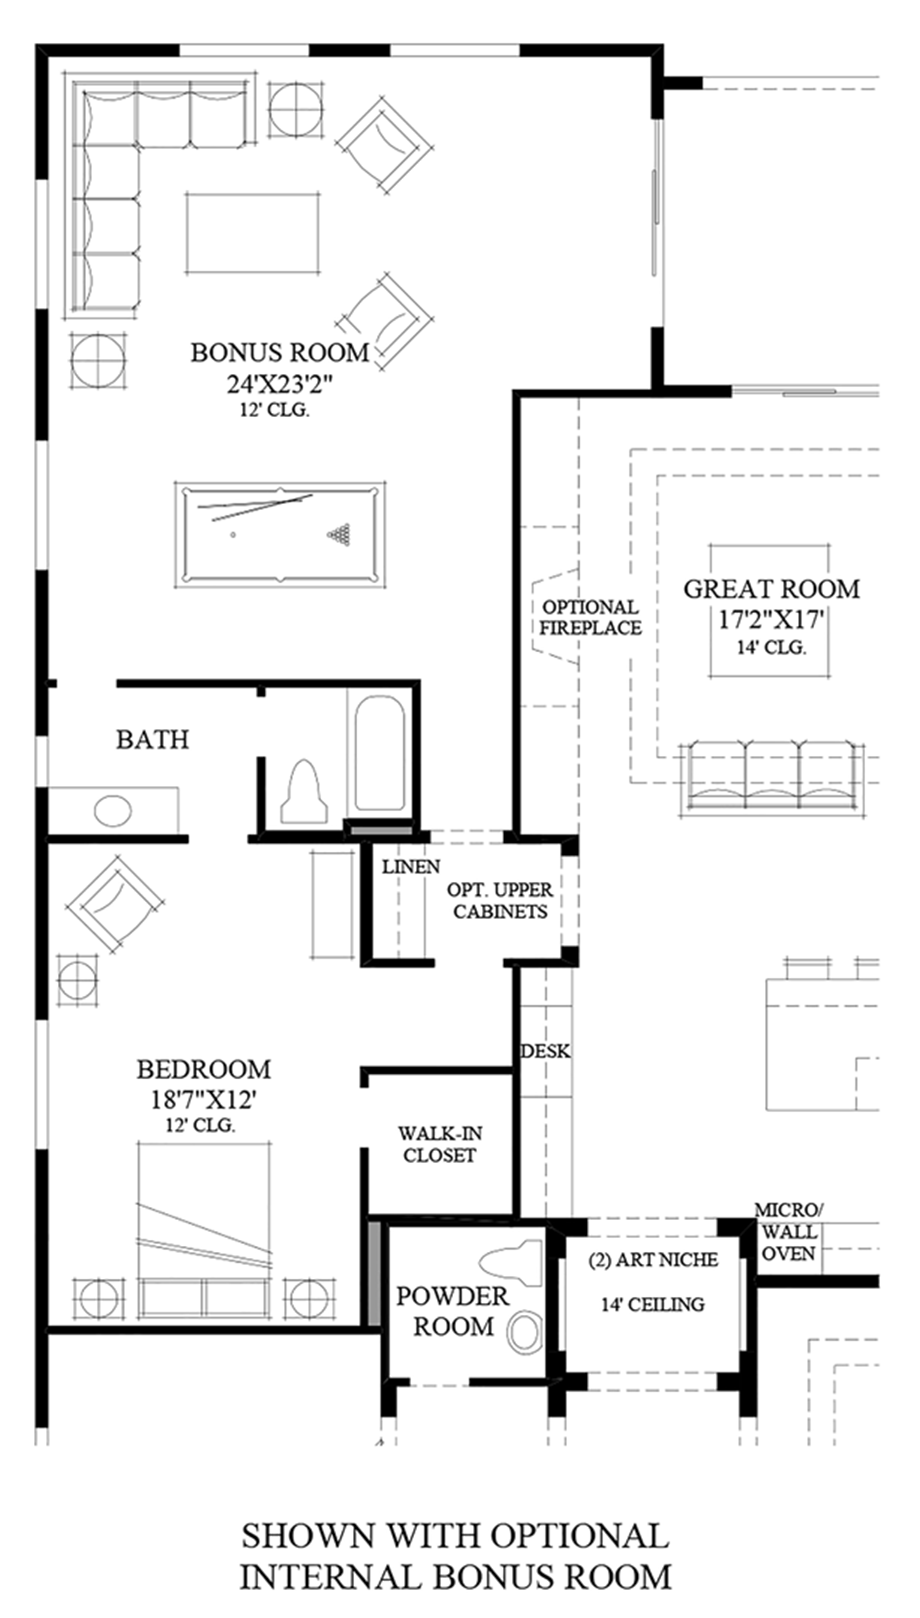 Optional Internal Bonus Room Floor Plan